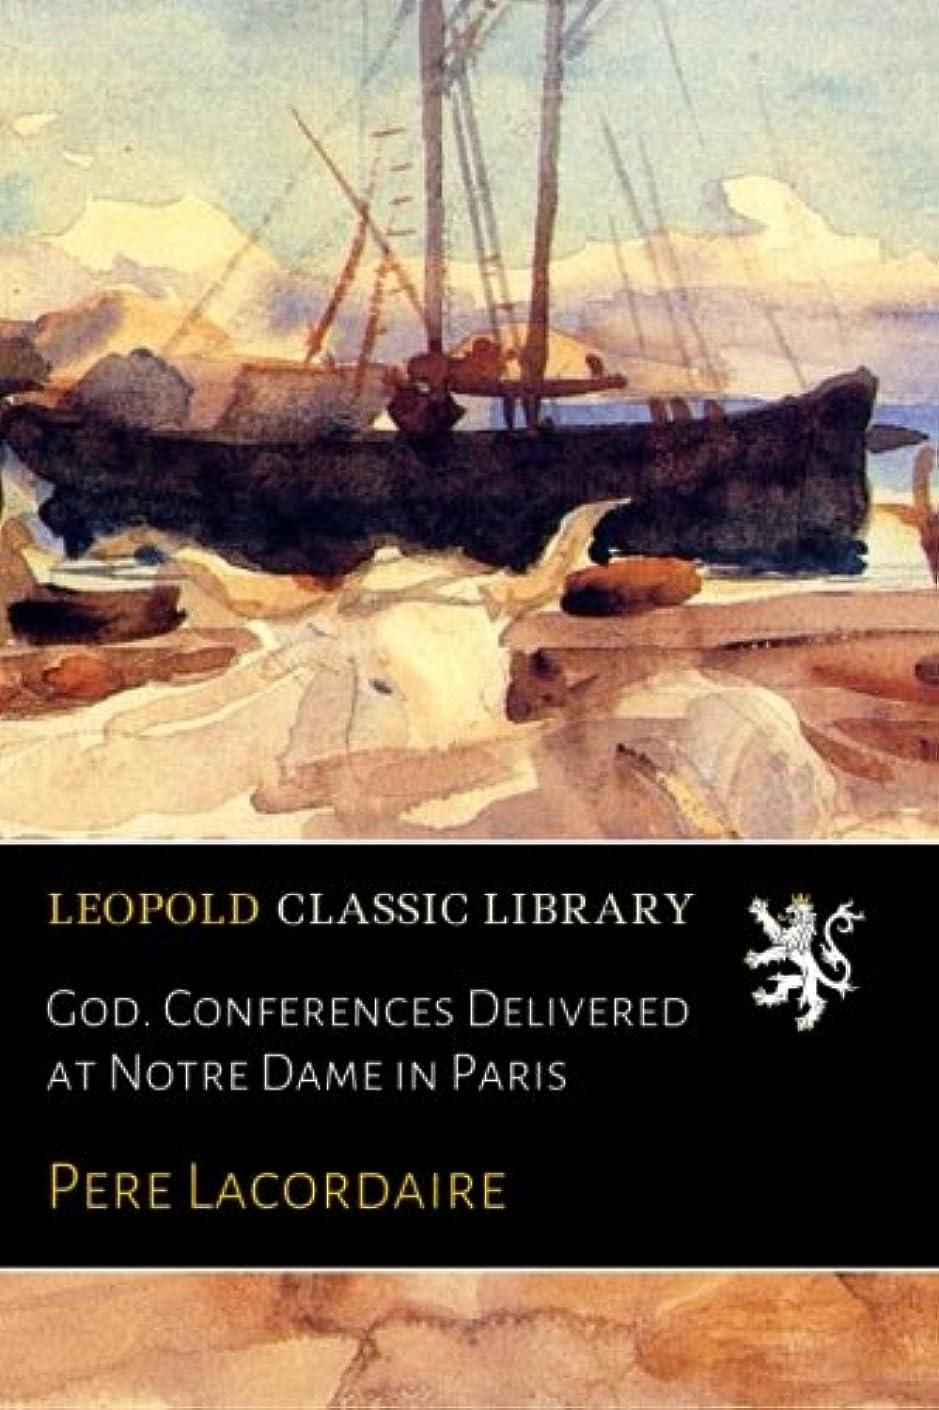 懇願する配列役職God. Conferences Delivered at Notre Dame in Paris